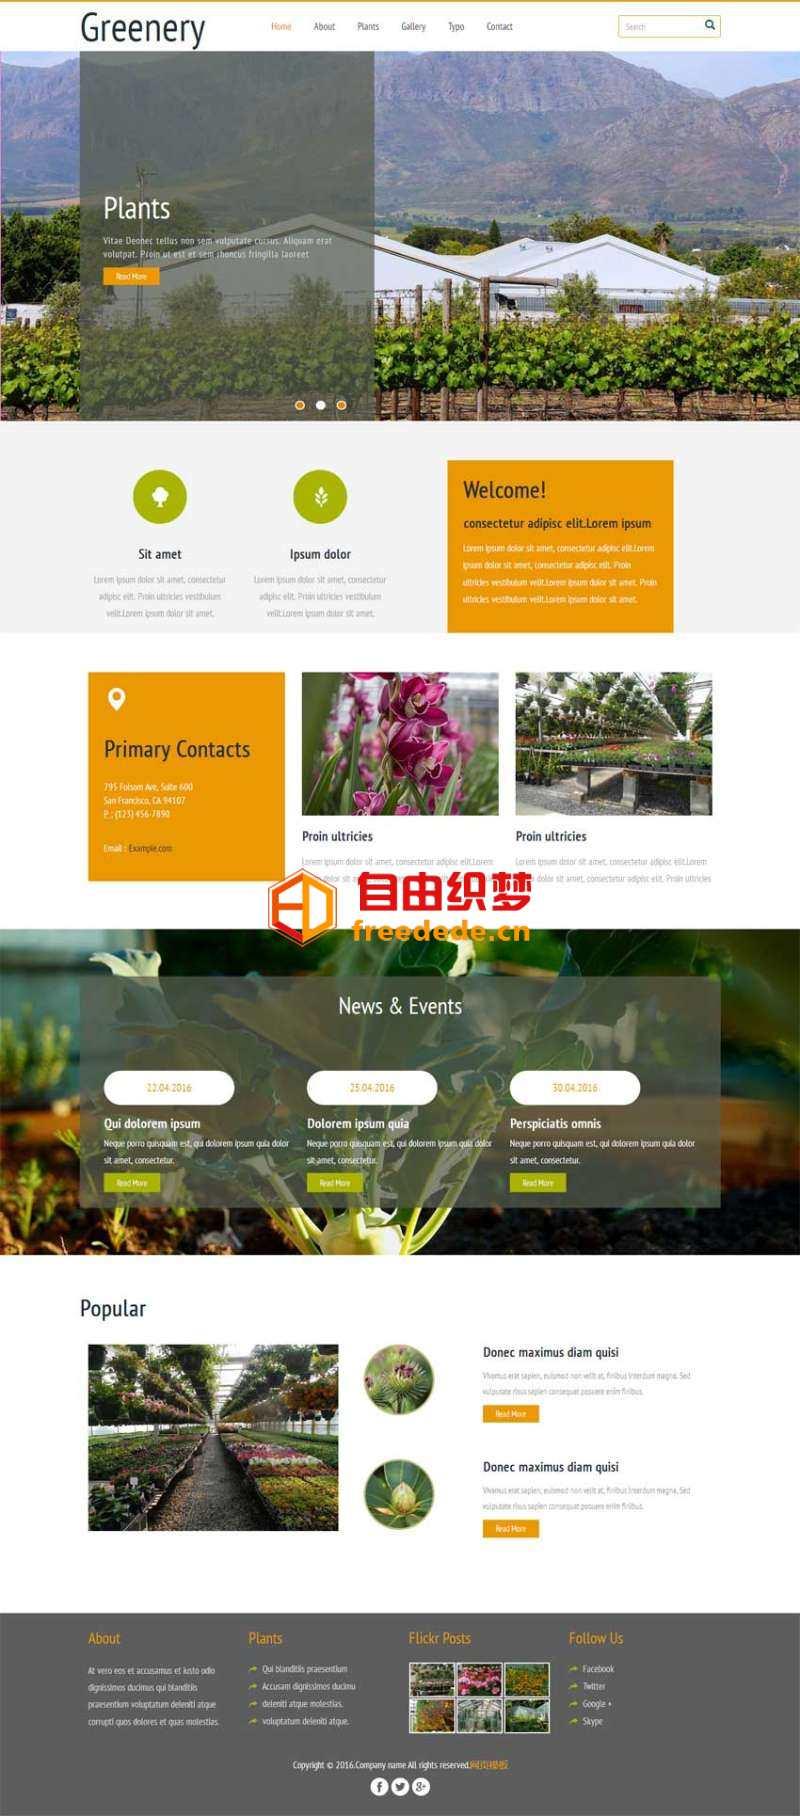 爱上源码网文章大气的农业产品生产网站html5动画模板的内容插图